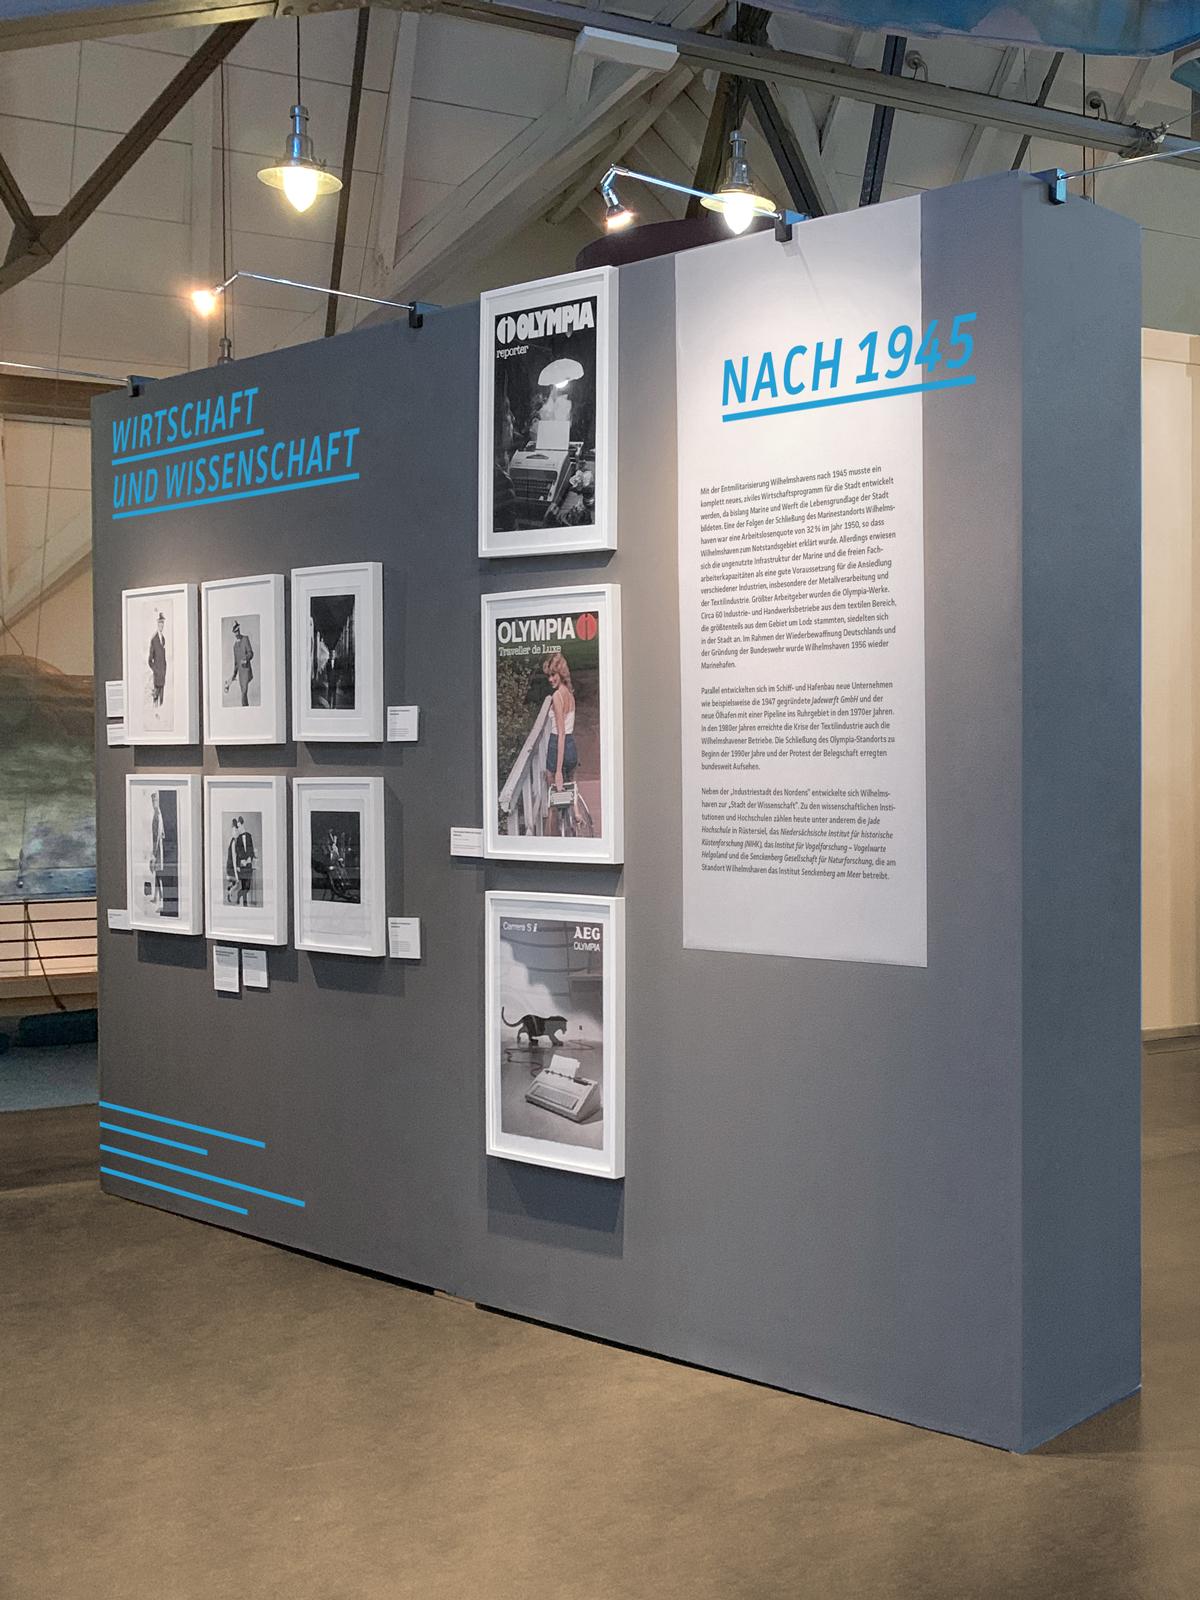 Küstenmuseum Wilhelmshaven Sonderausstellung 150 Jahre Wilhelmshaven Fotografie von Ausstellungswand dunkelgrauer Hintergrund blaue und schwarze Typografie grafische Zickzacklinie in blau am unteren Rand weiße Bilderrahmen